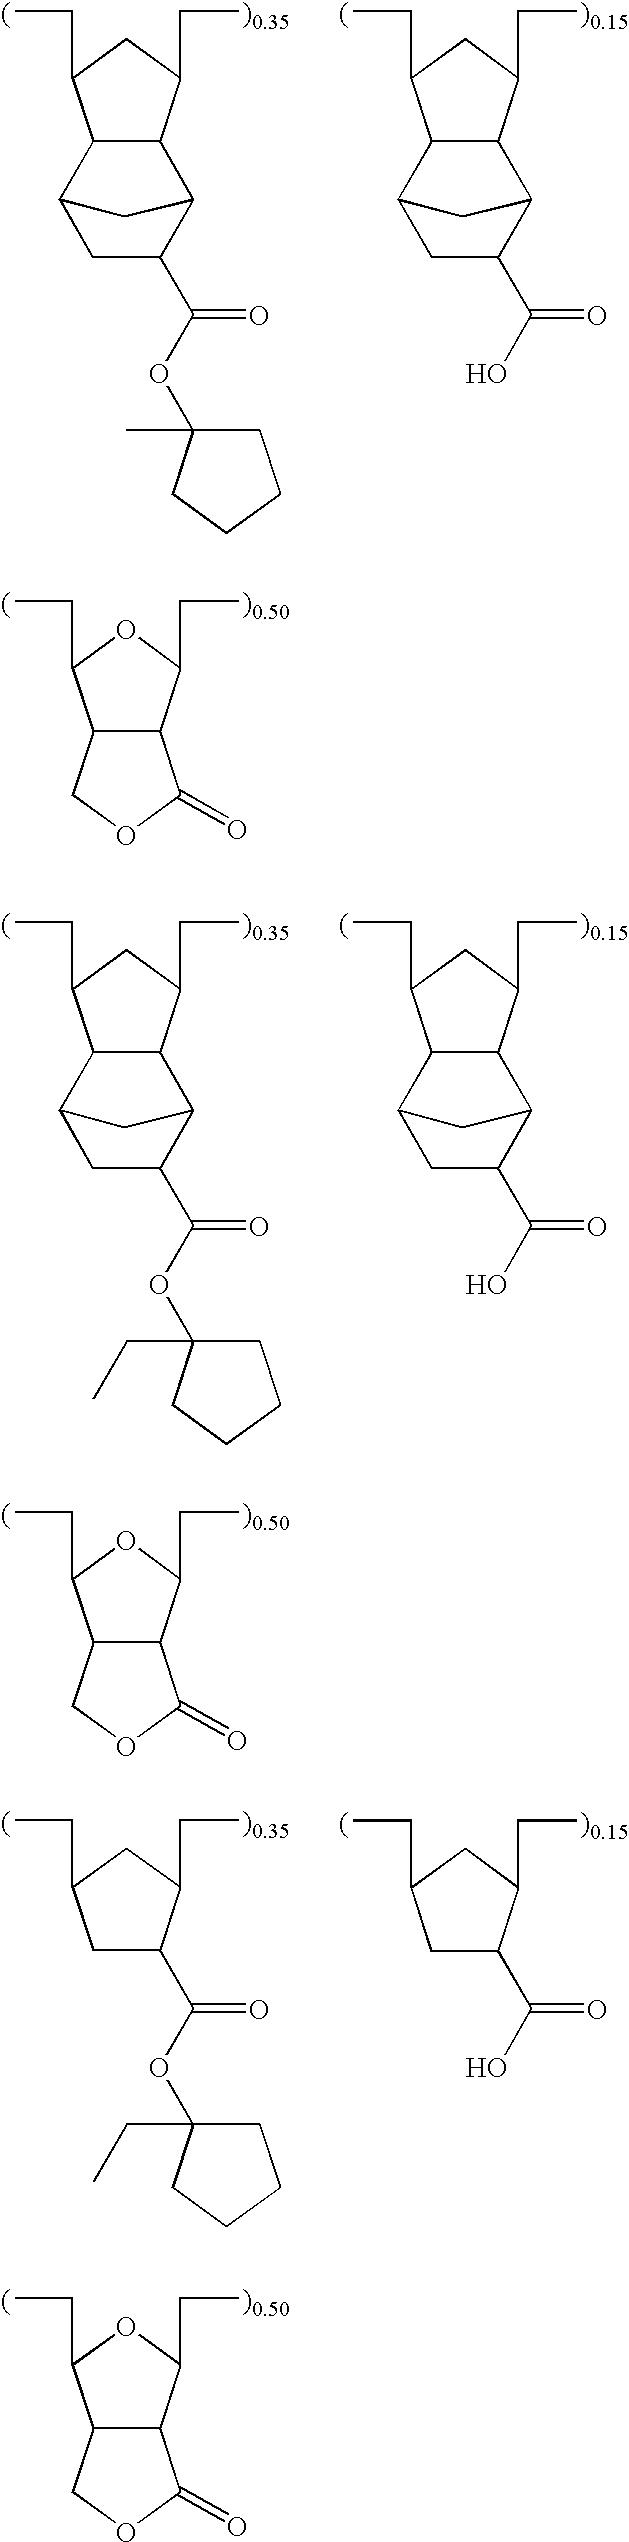 Figure US07569326-20090804-C00054